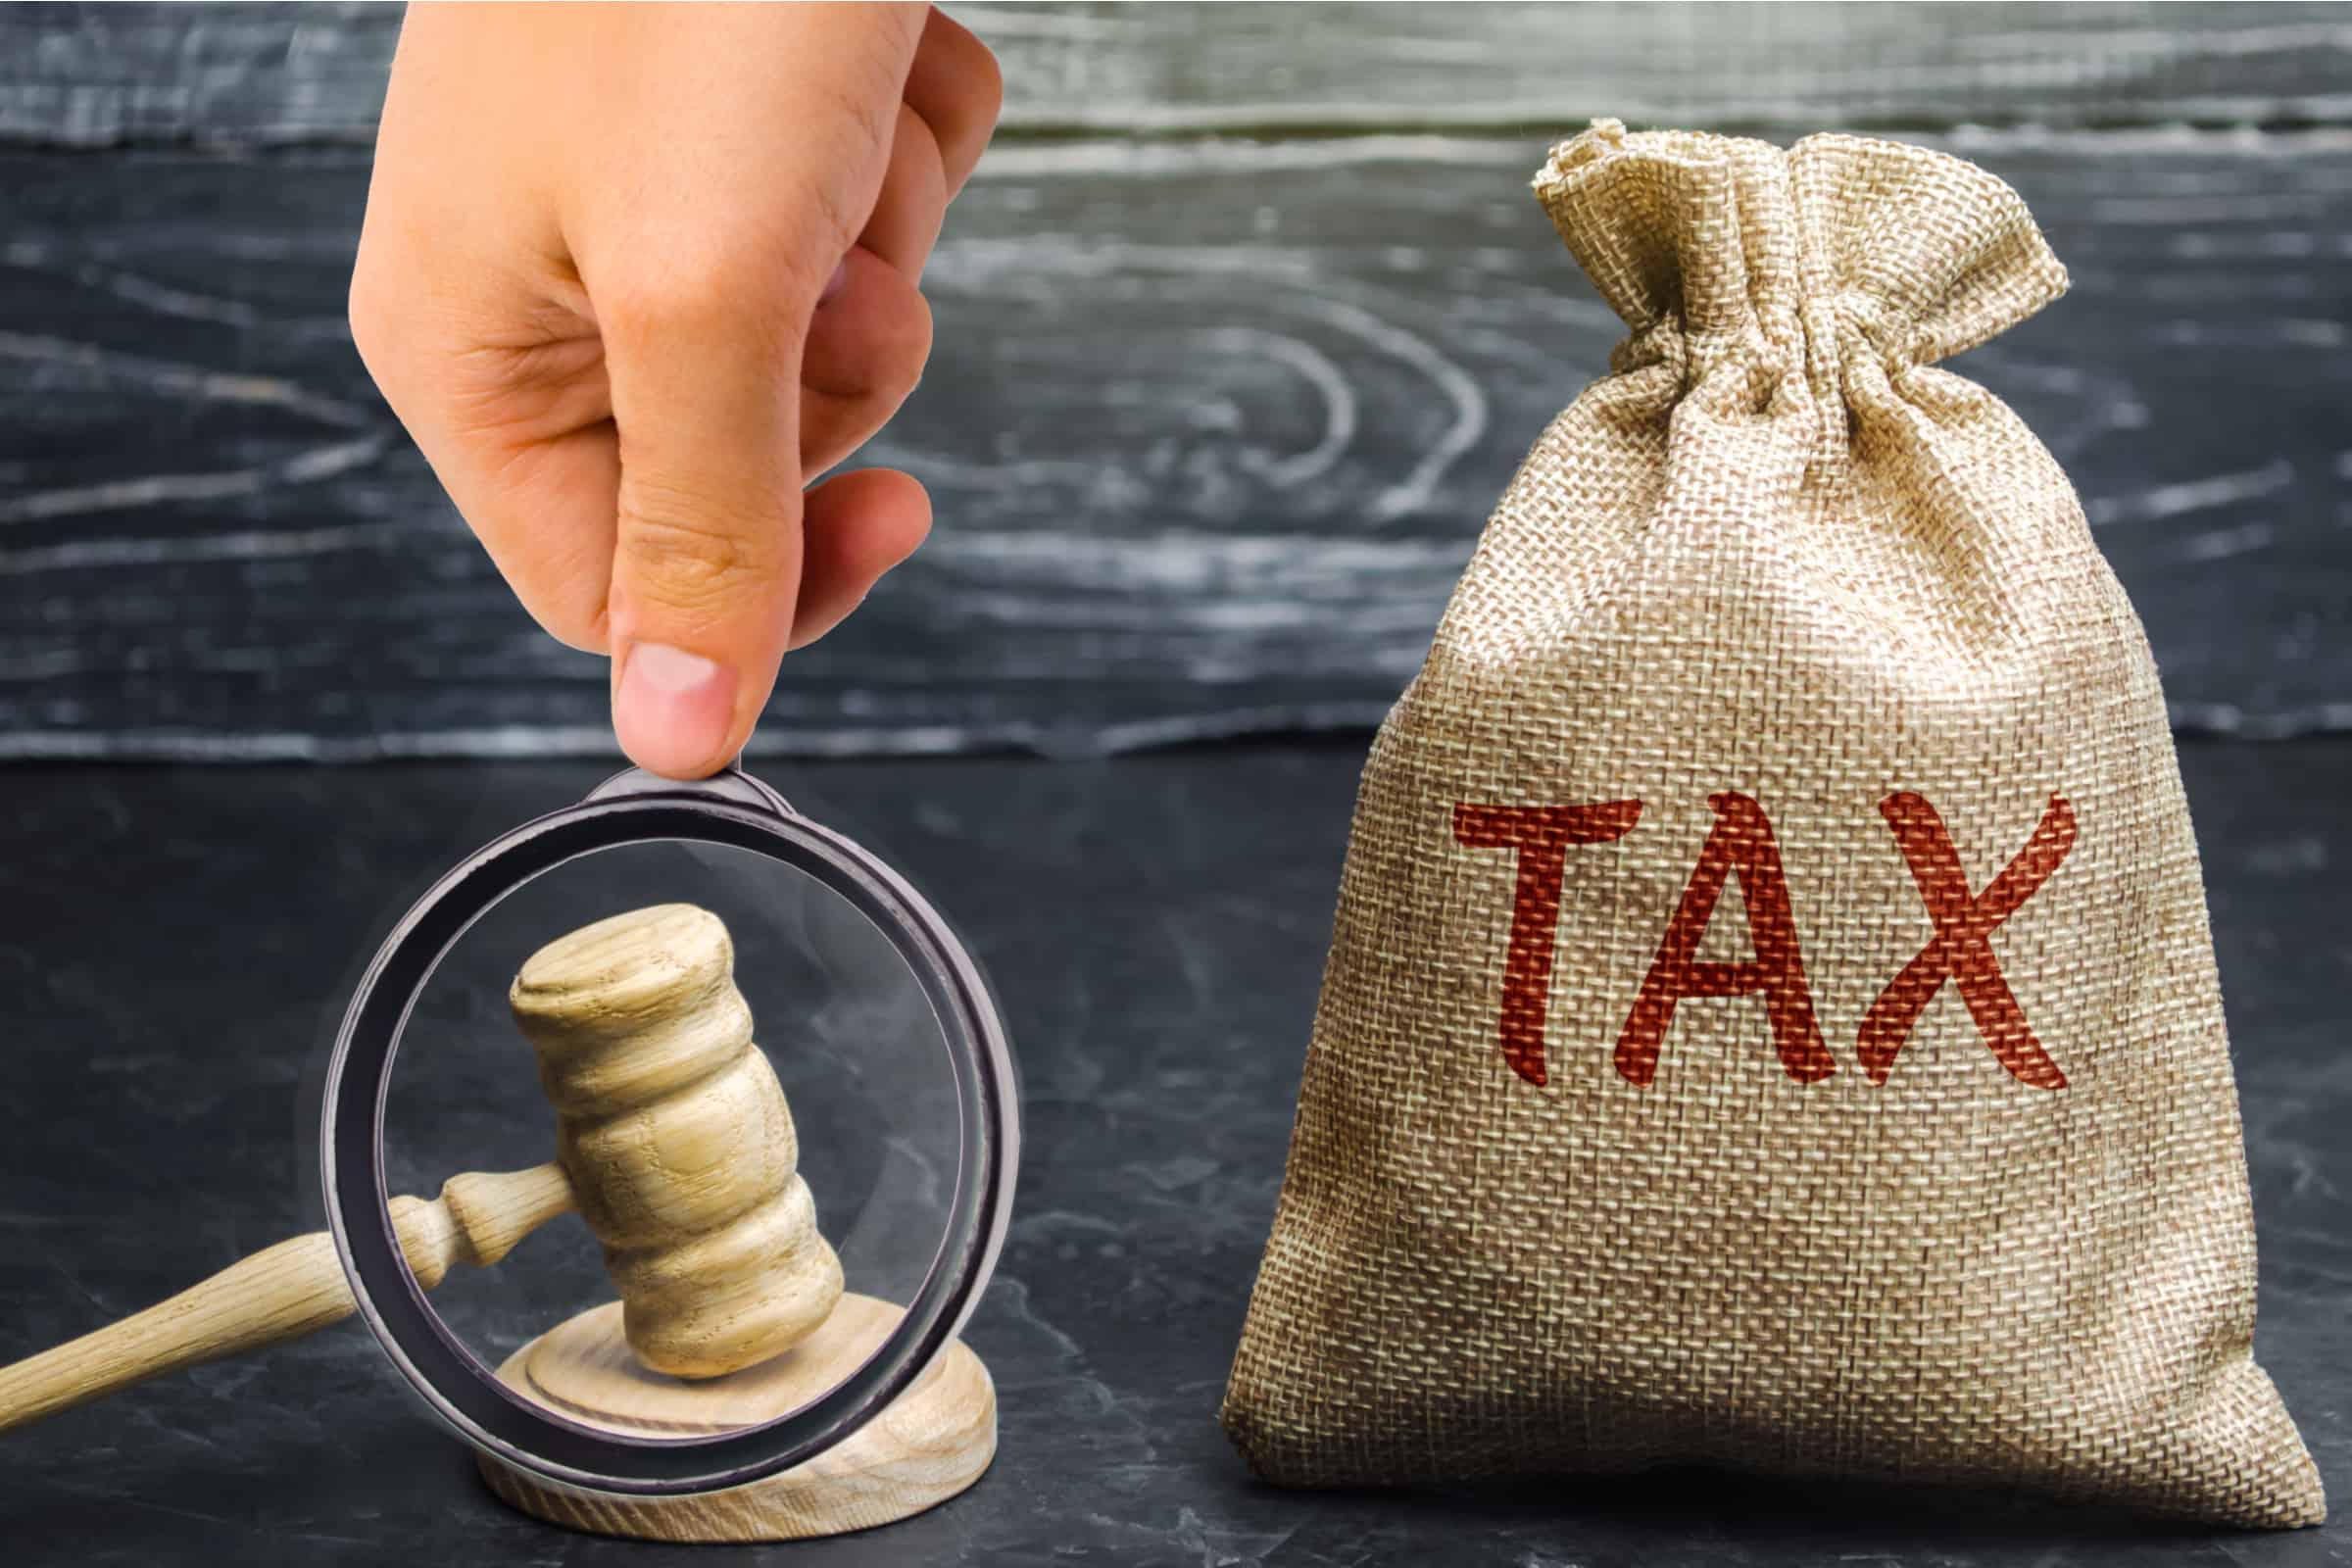 gestione-rapporti-autorita-fiscale